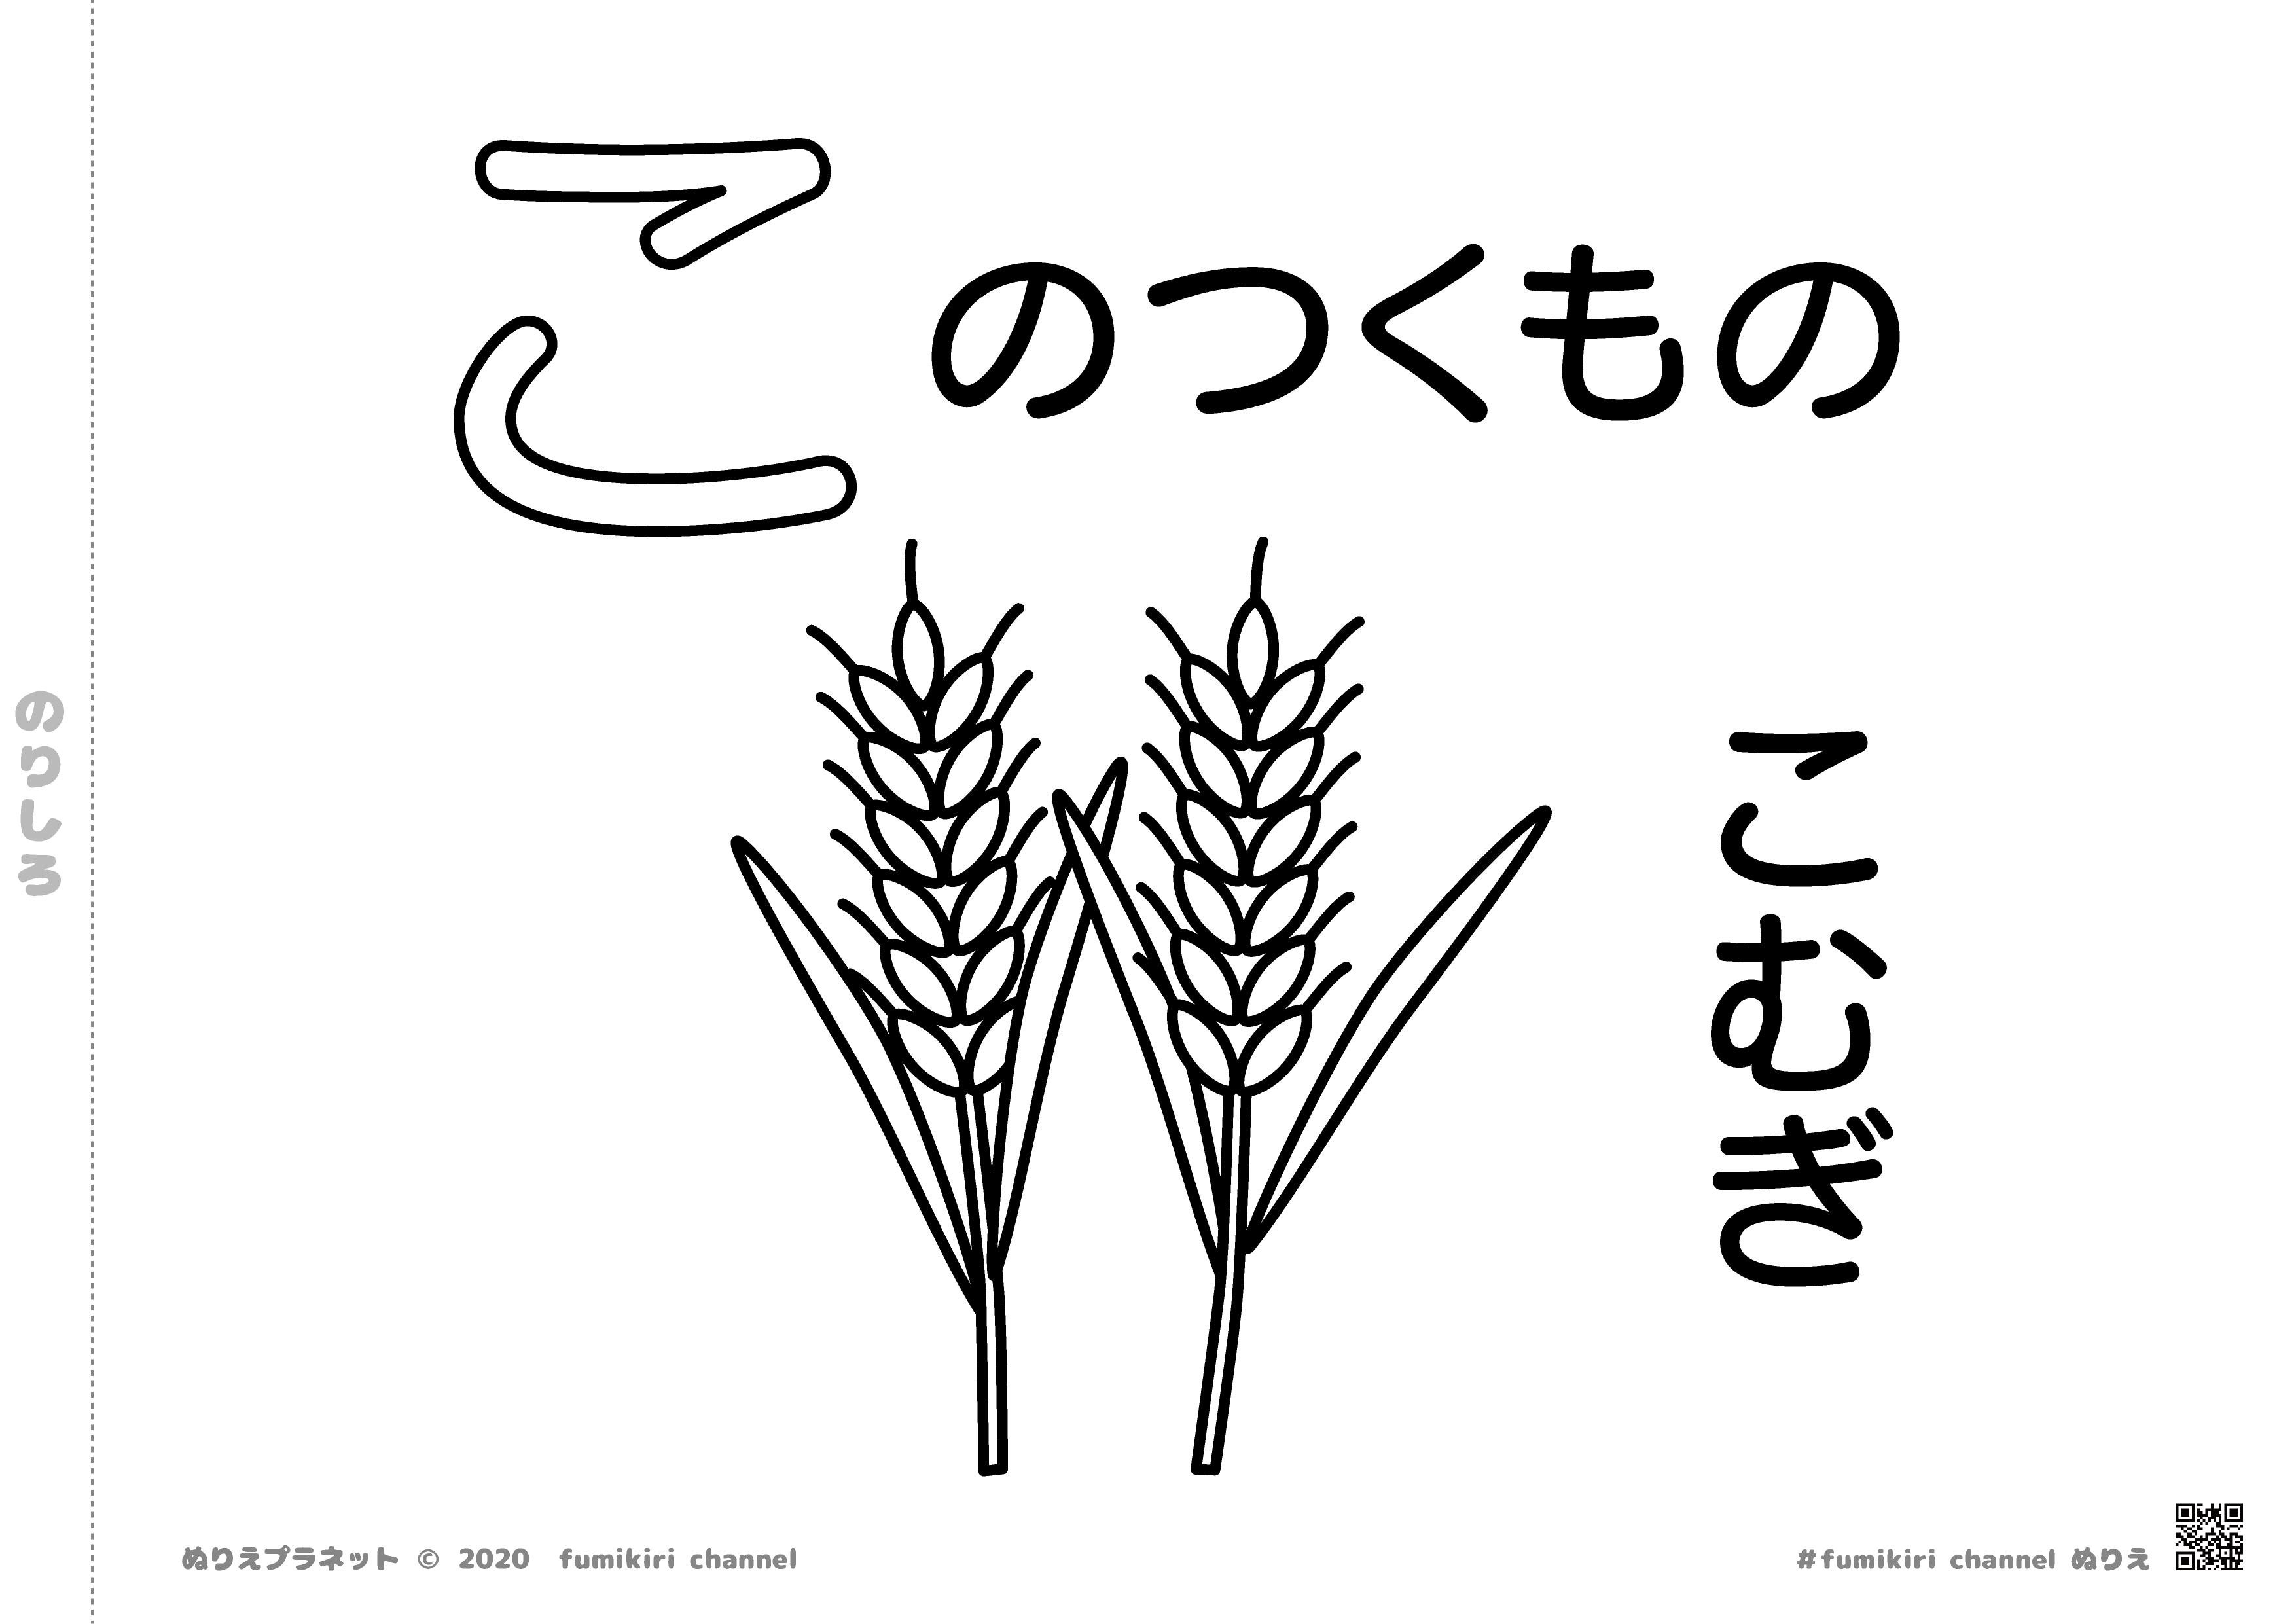 小麦がりっぱに実っている塗り絵